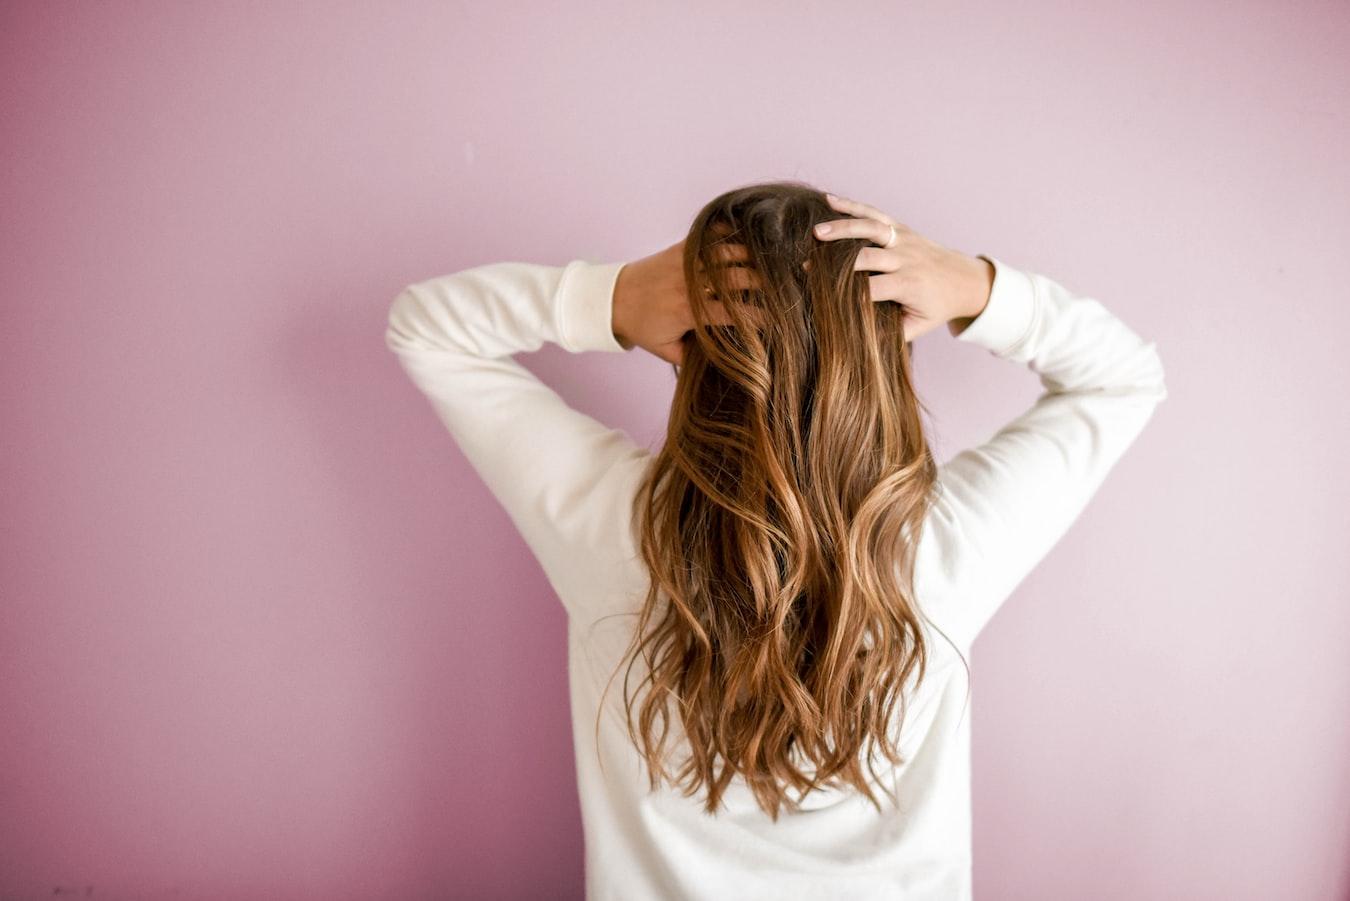 頭髮頻出油、長白髮?4種頭髮狀況的健康警訊   Heho健康